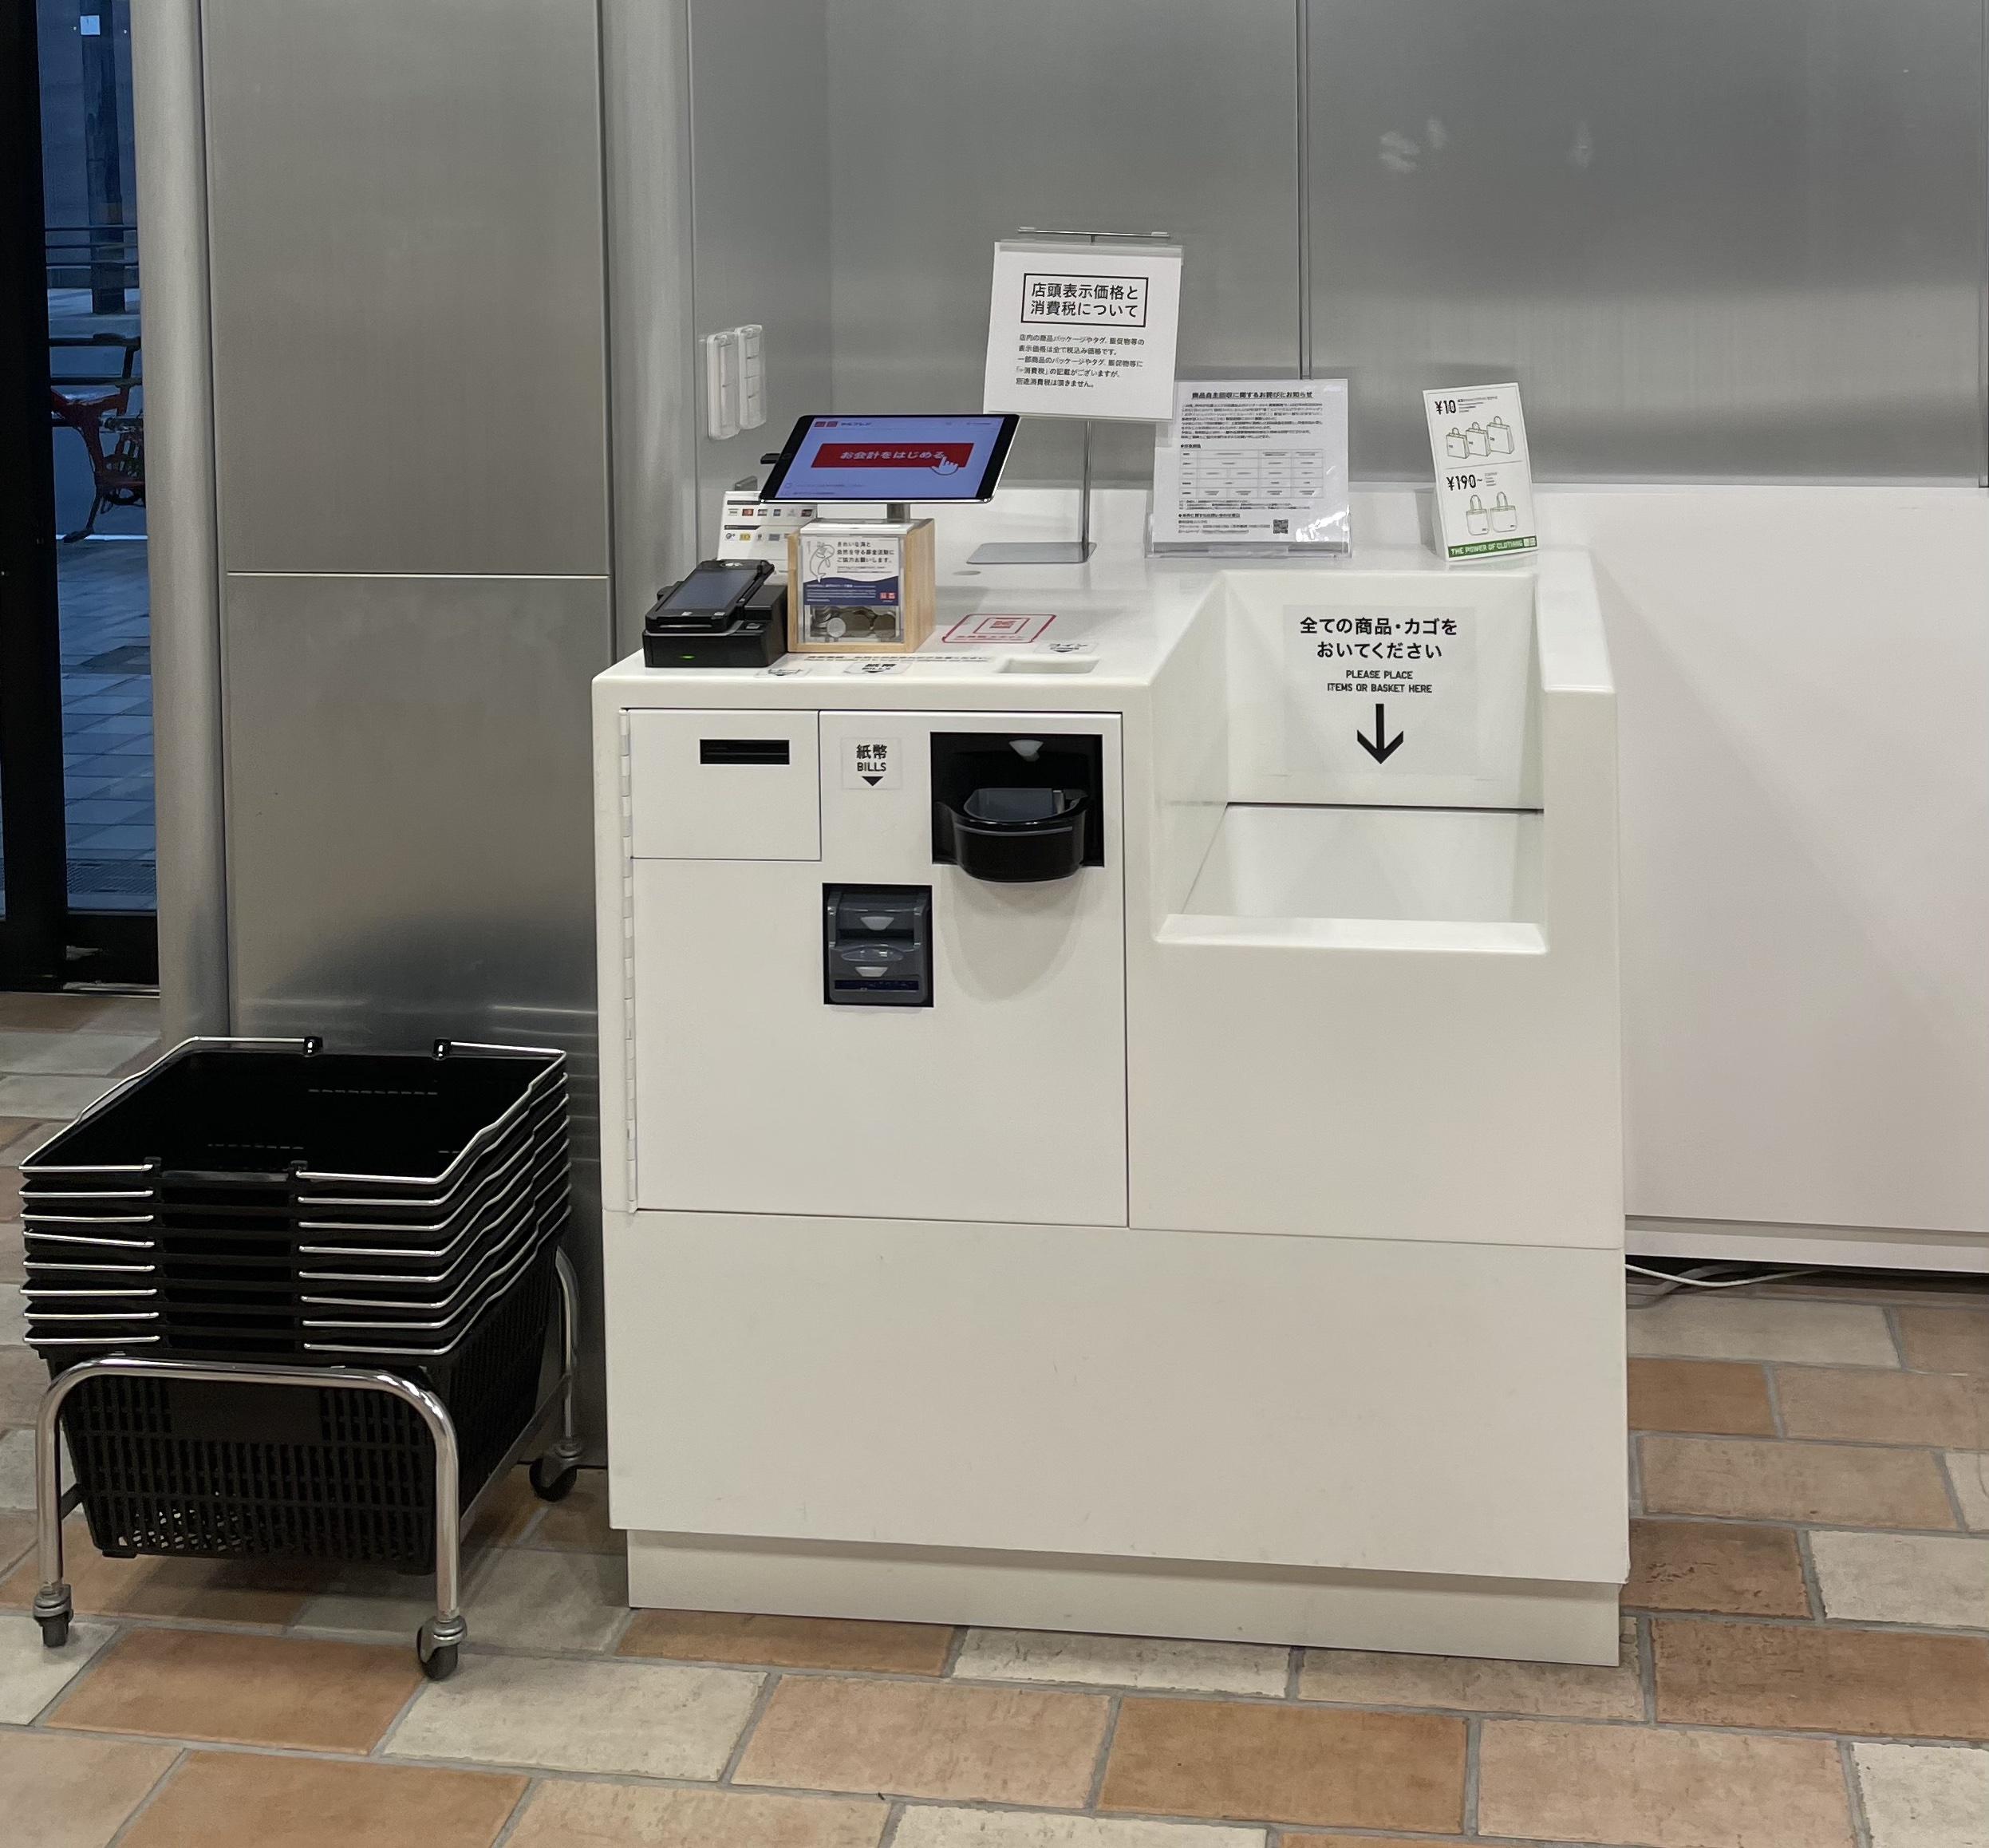 UNIQLO checkout machine